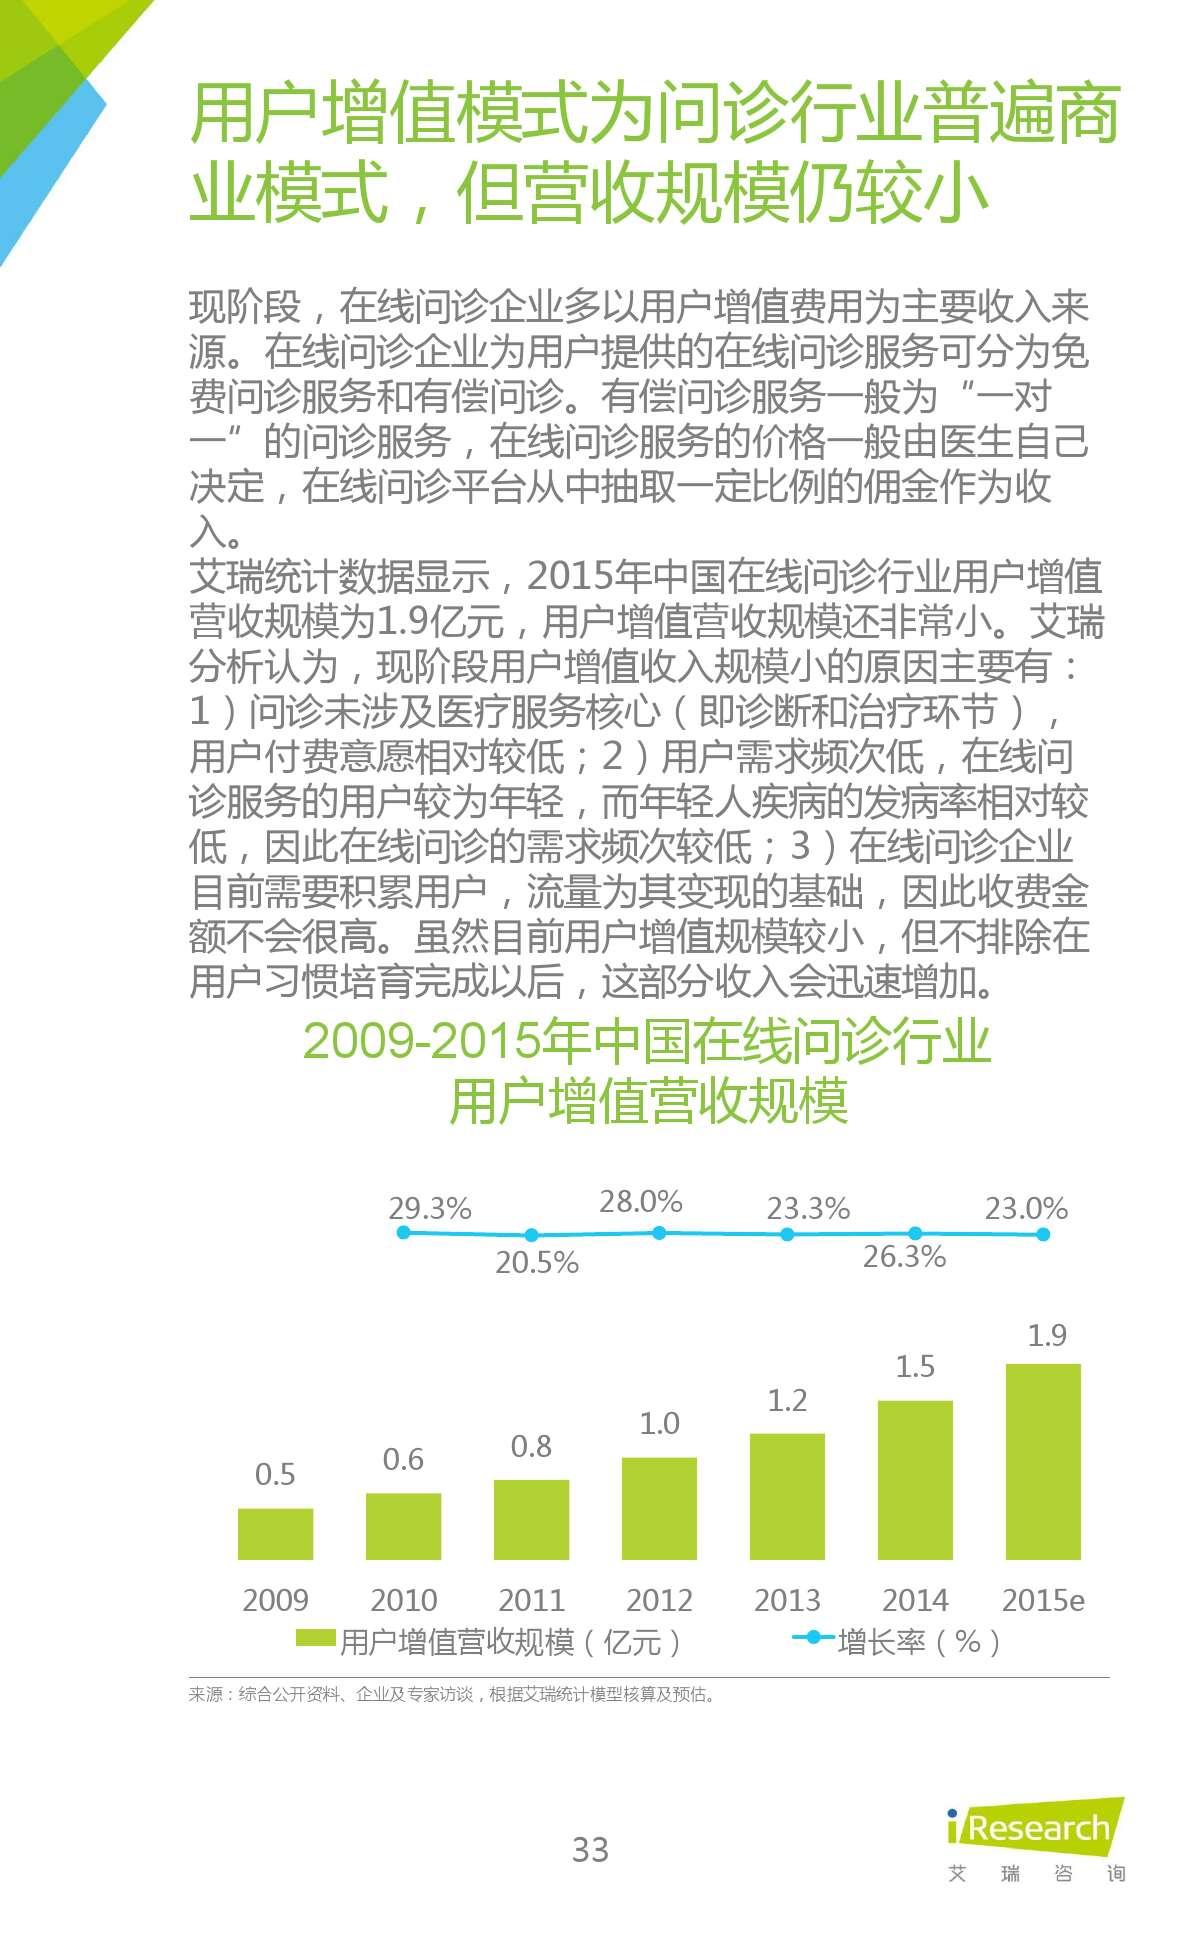 2015年中国在线问诊行业研究报告_000033